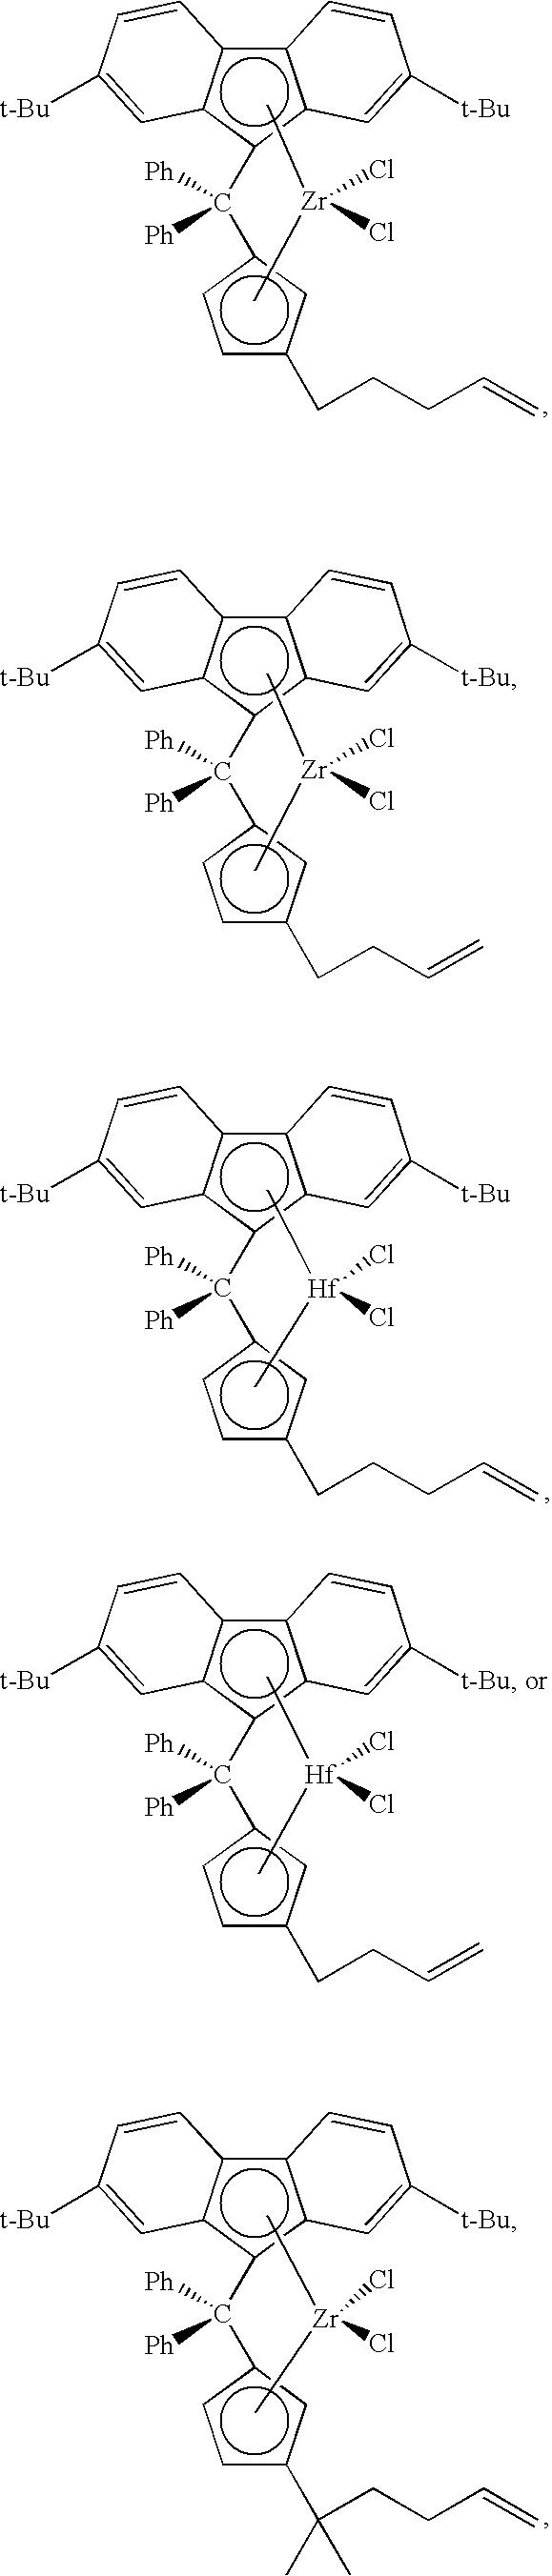 Figure US07517939-20090414-C00032